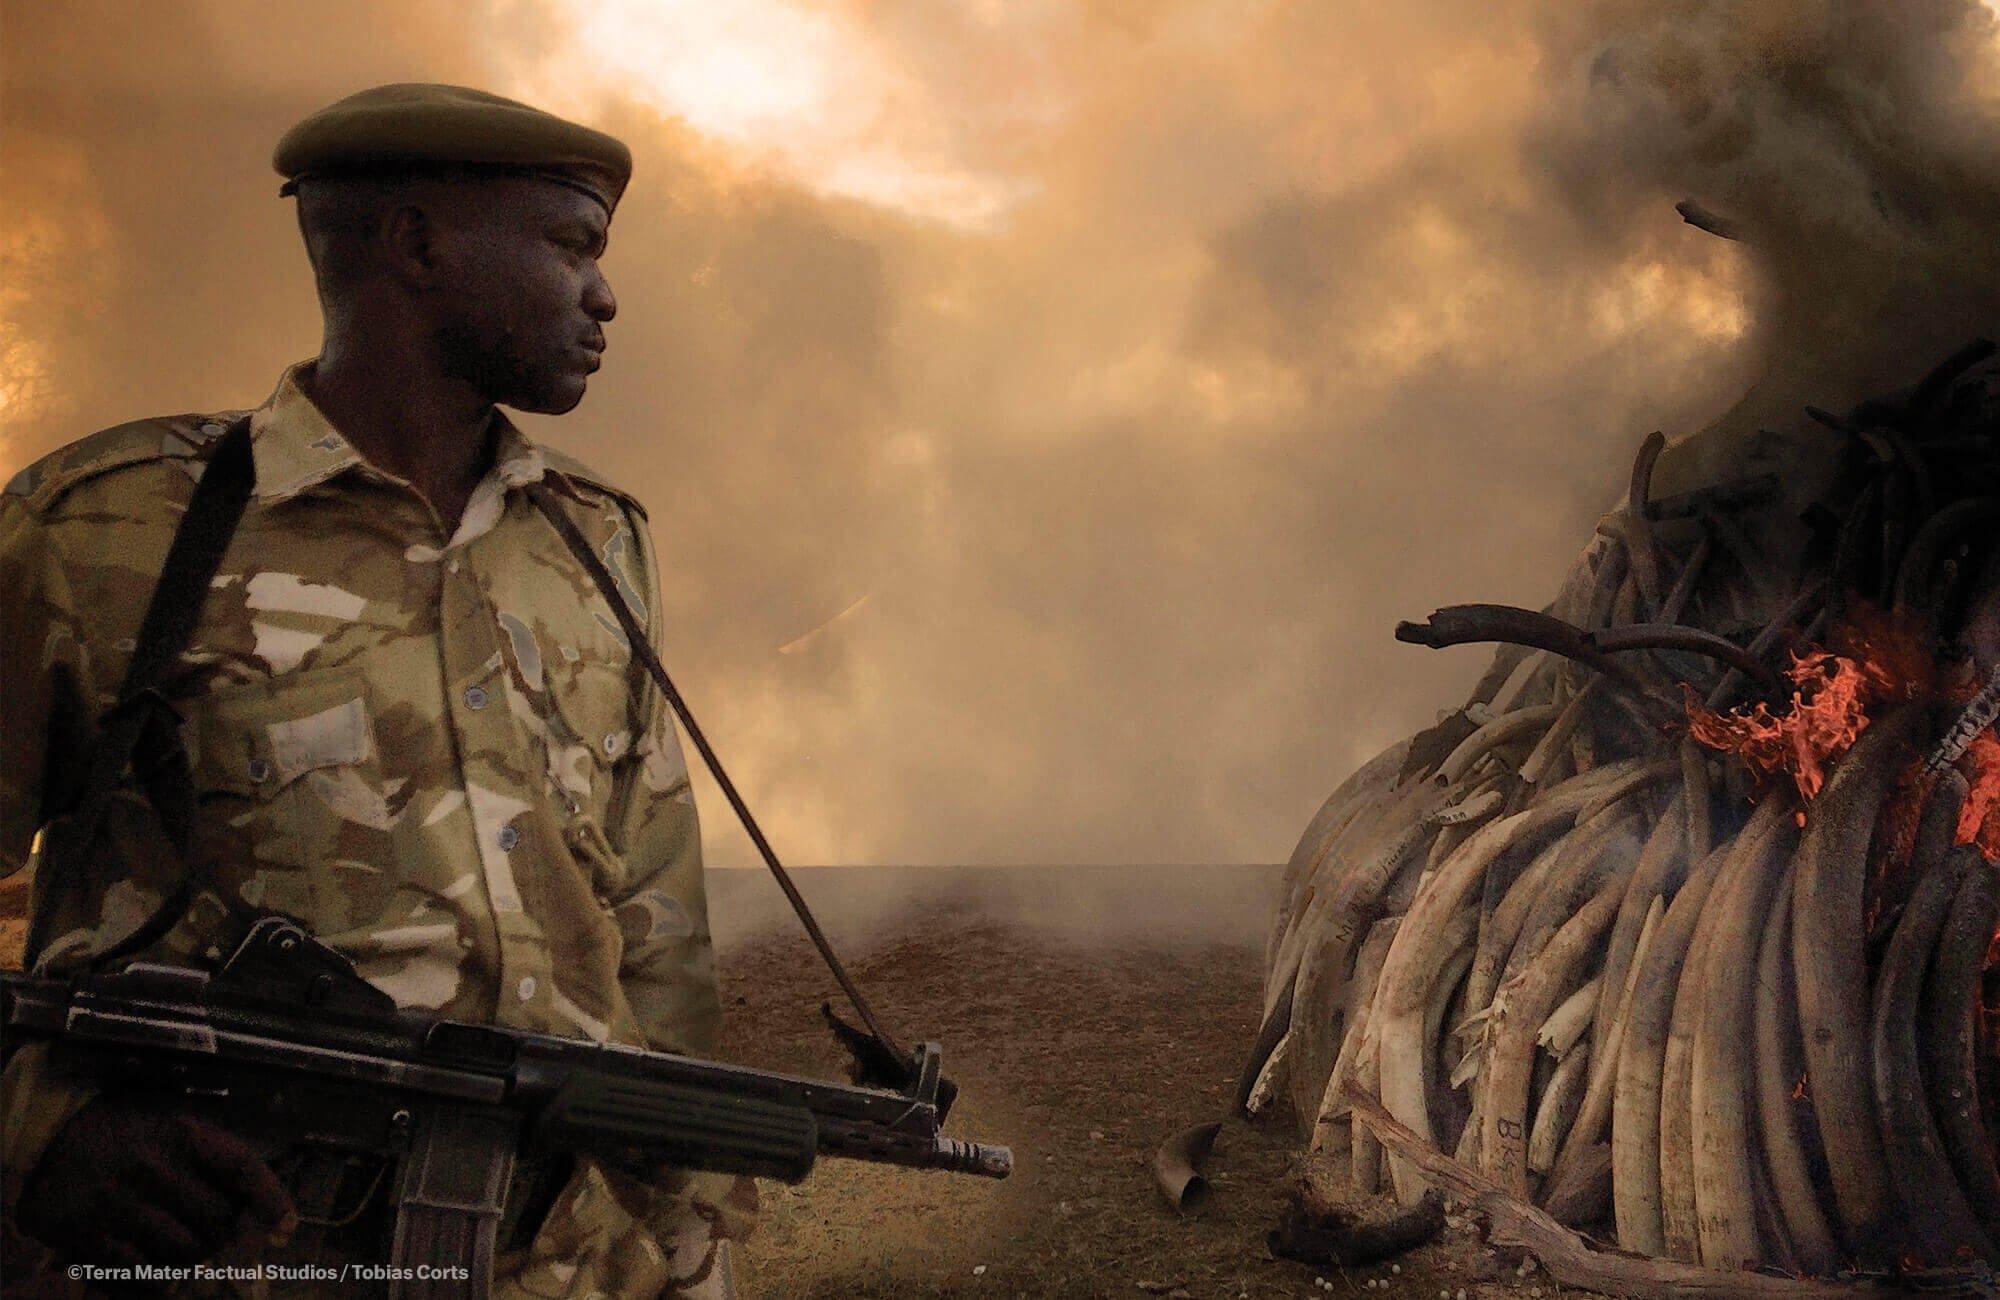 肯尼亚销毁象牙储备现场。